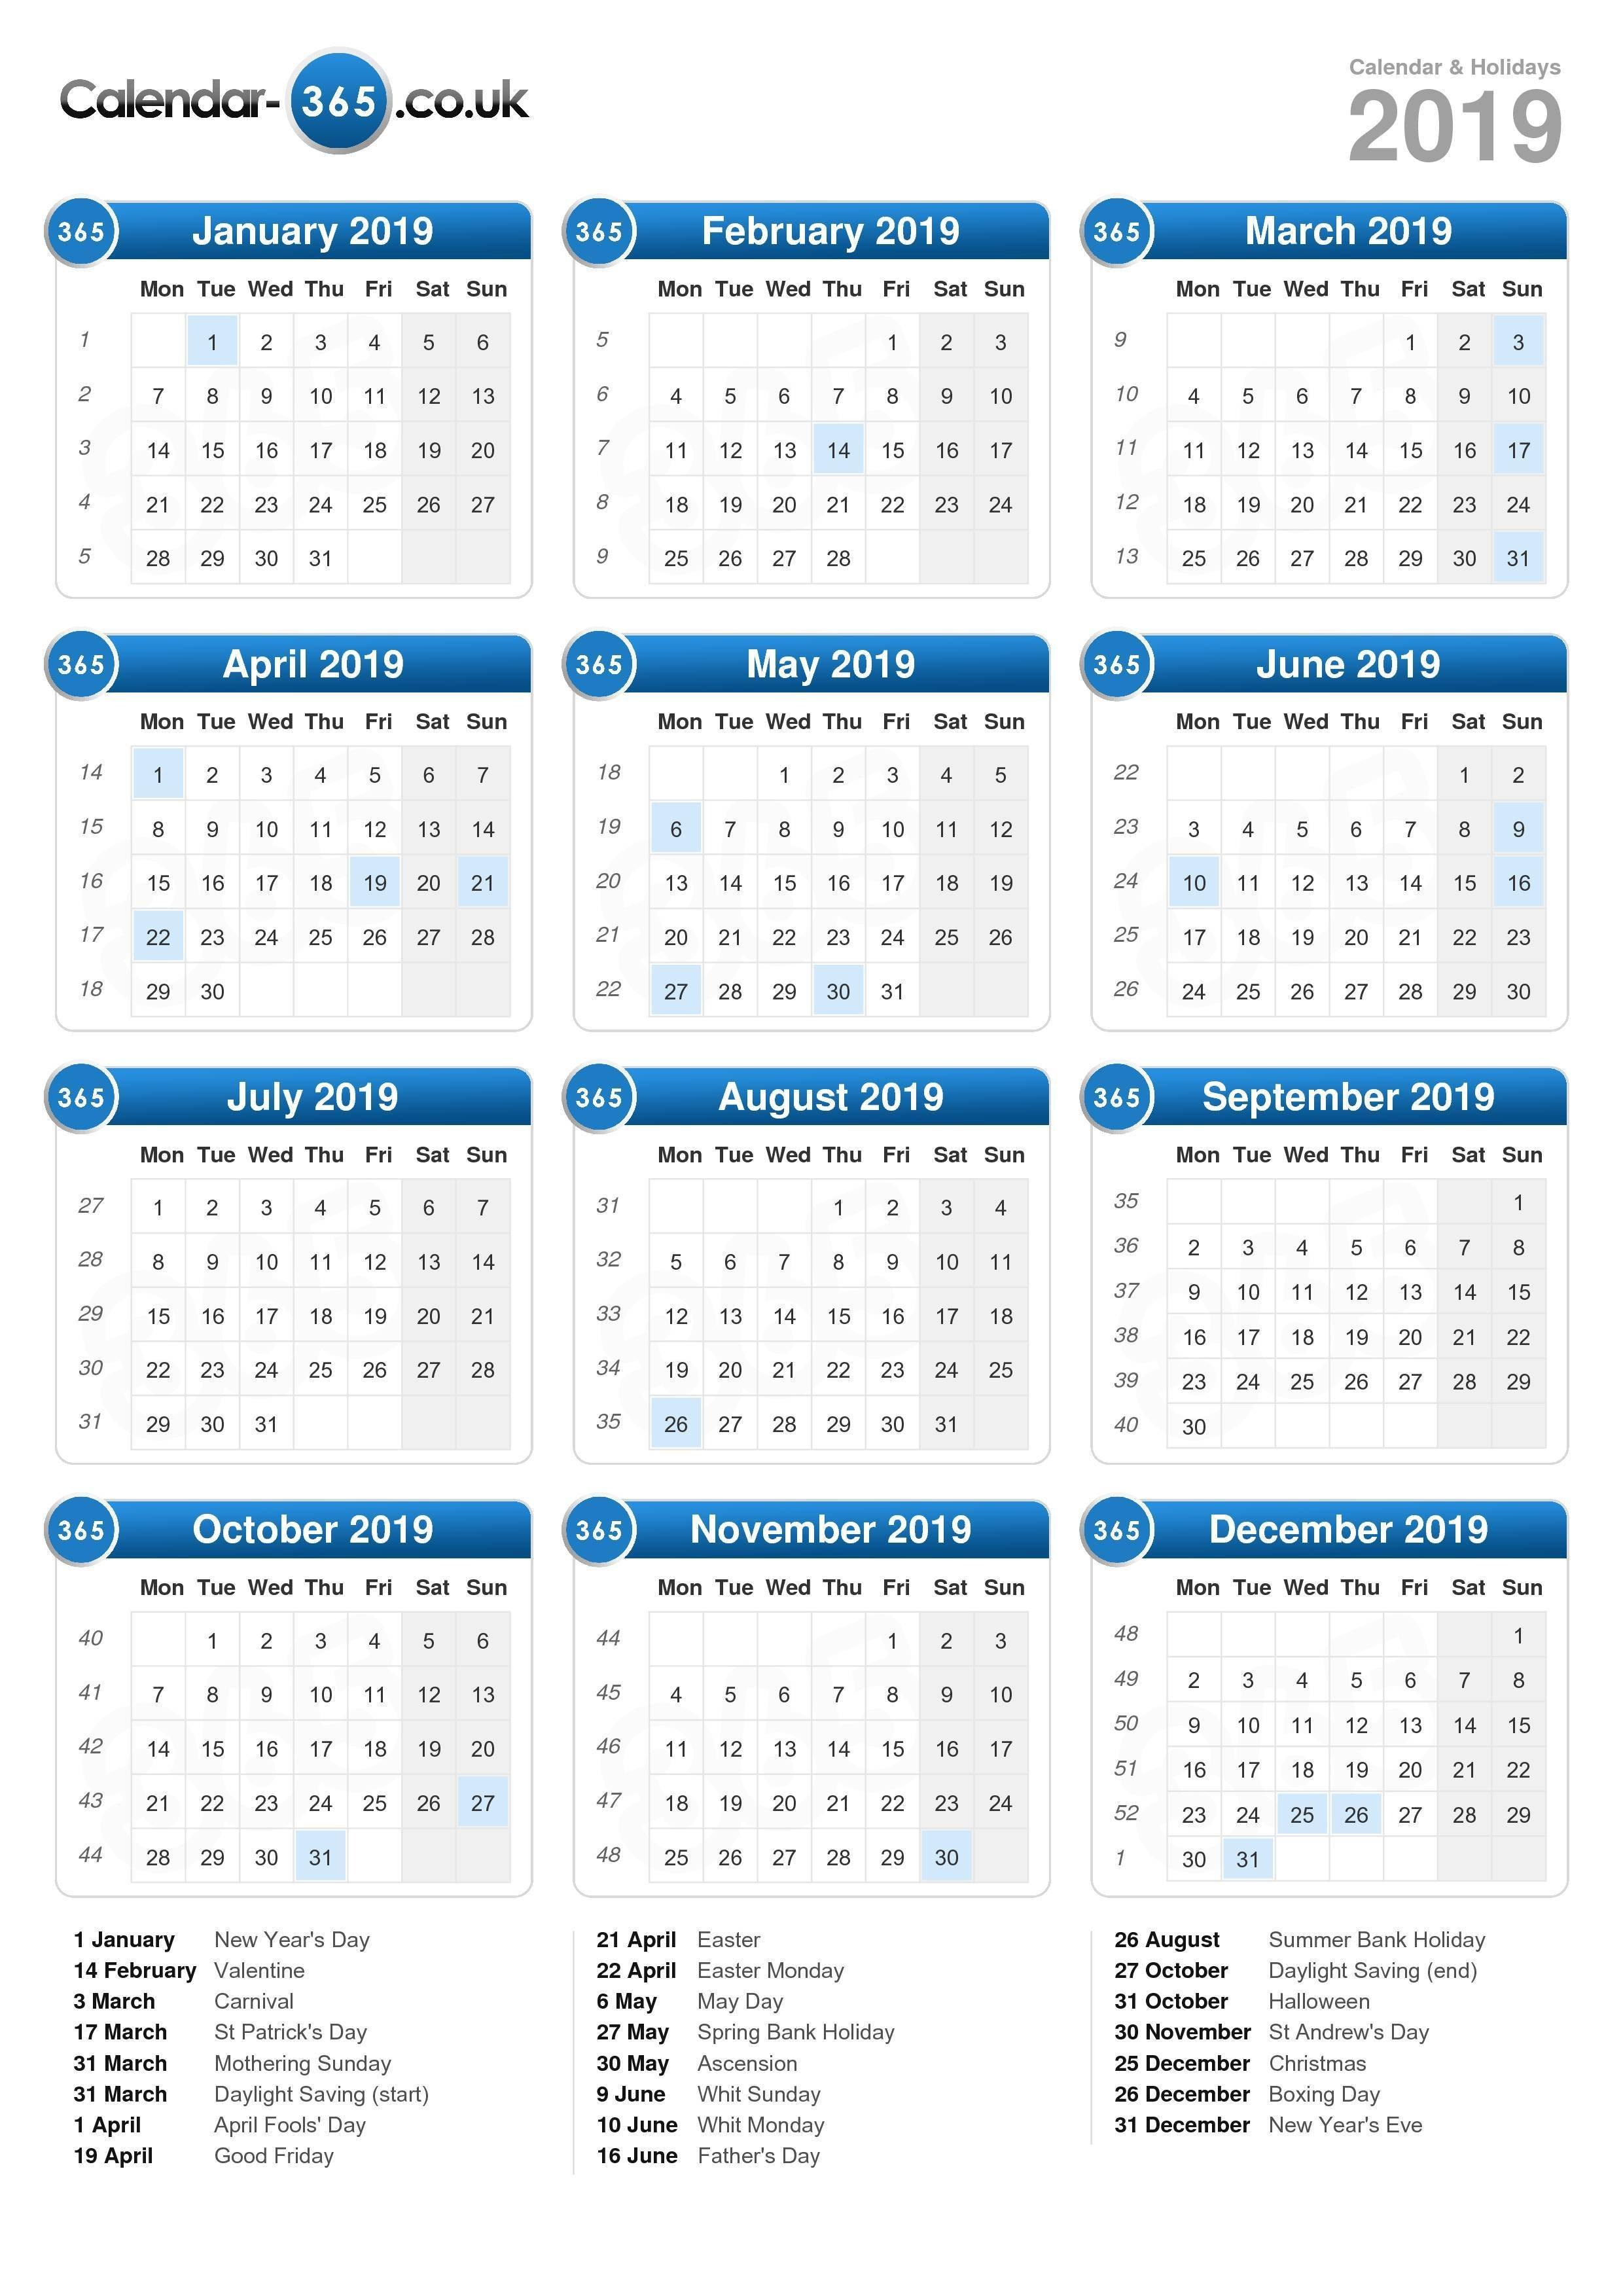 Calendar 2019 Calendar Week 3 2019